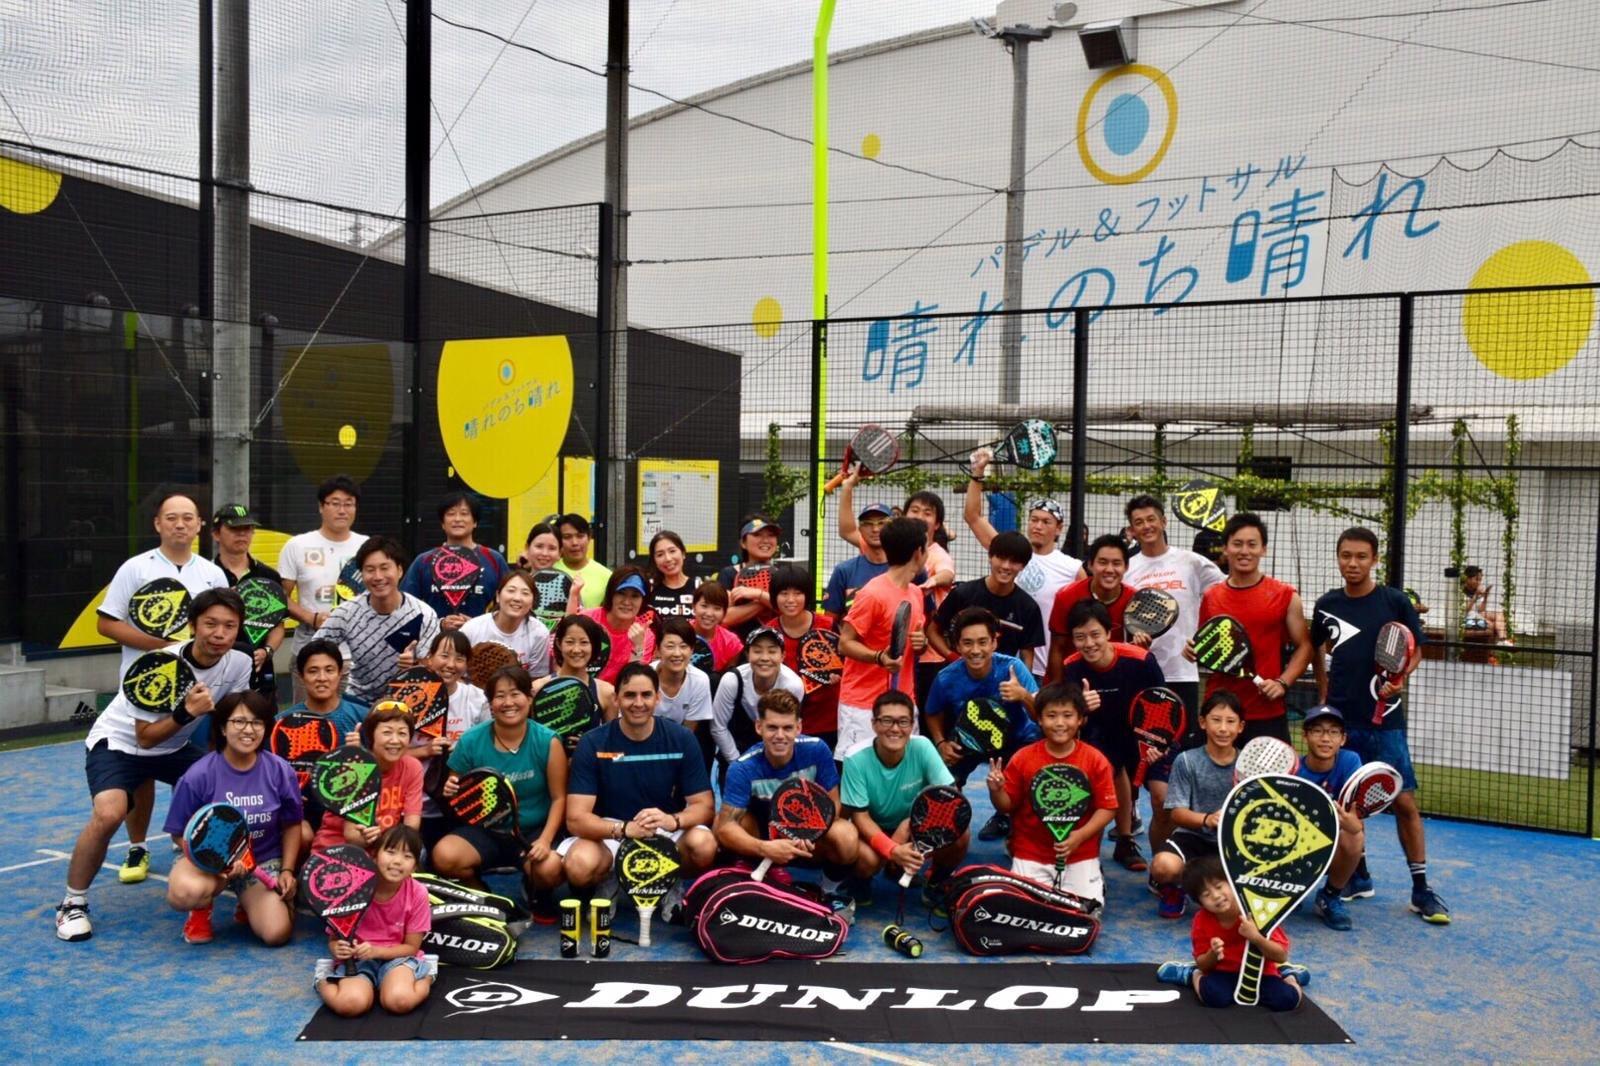 Dunlop présente ses produits 2020 aux Japonais